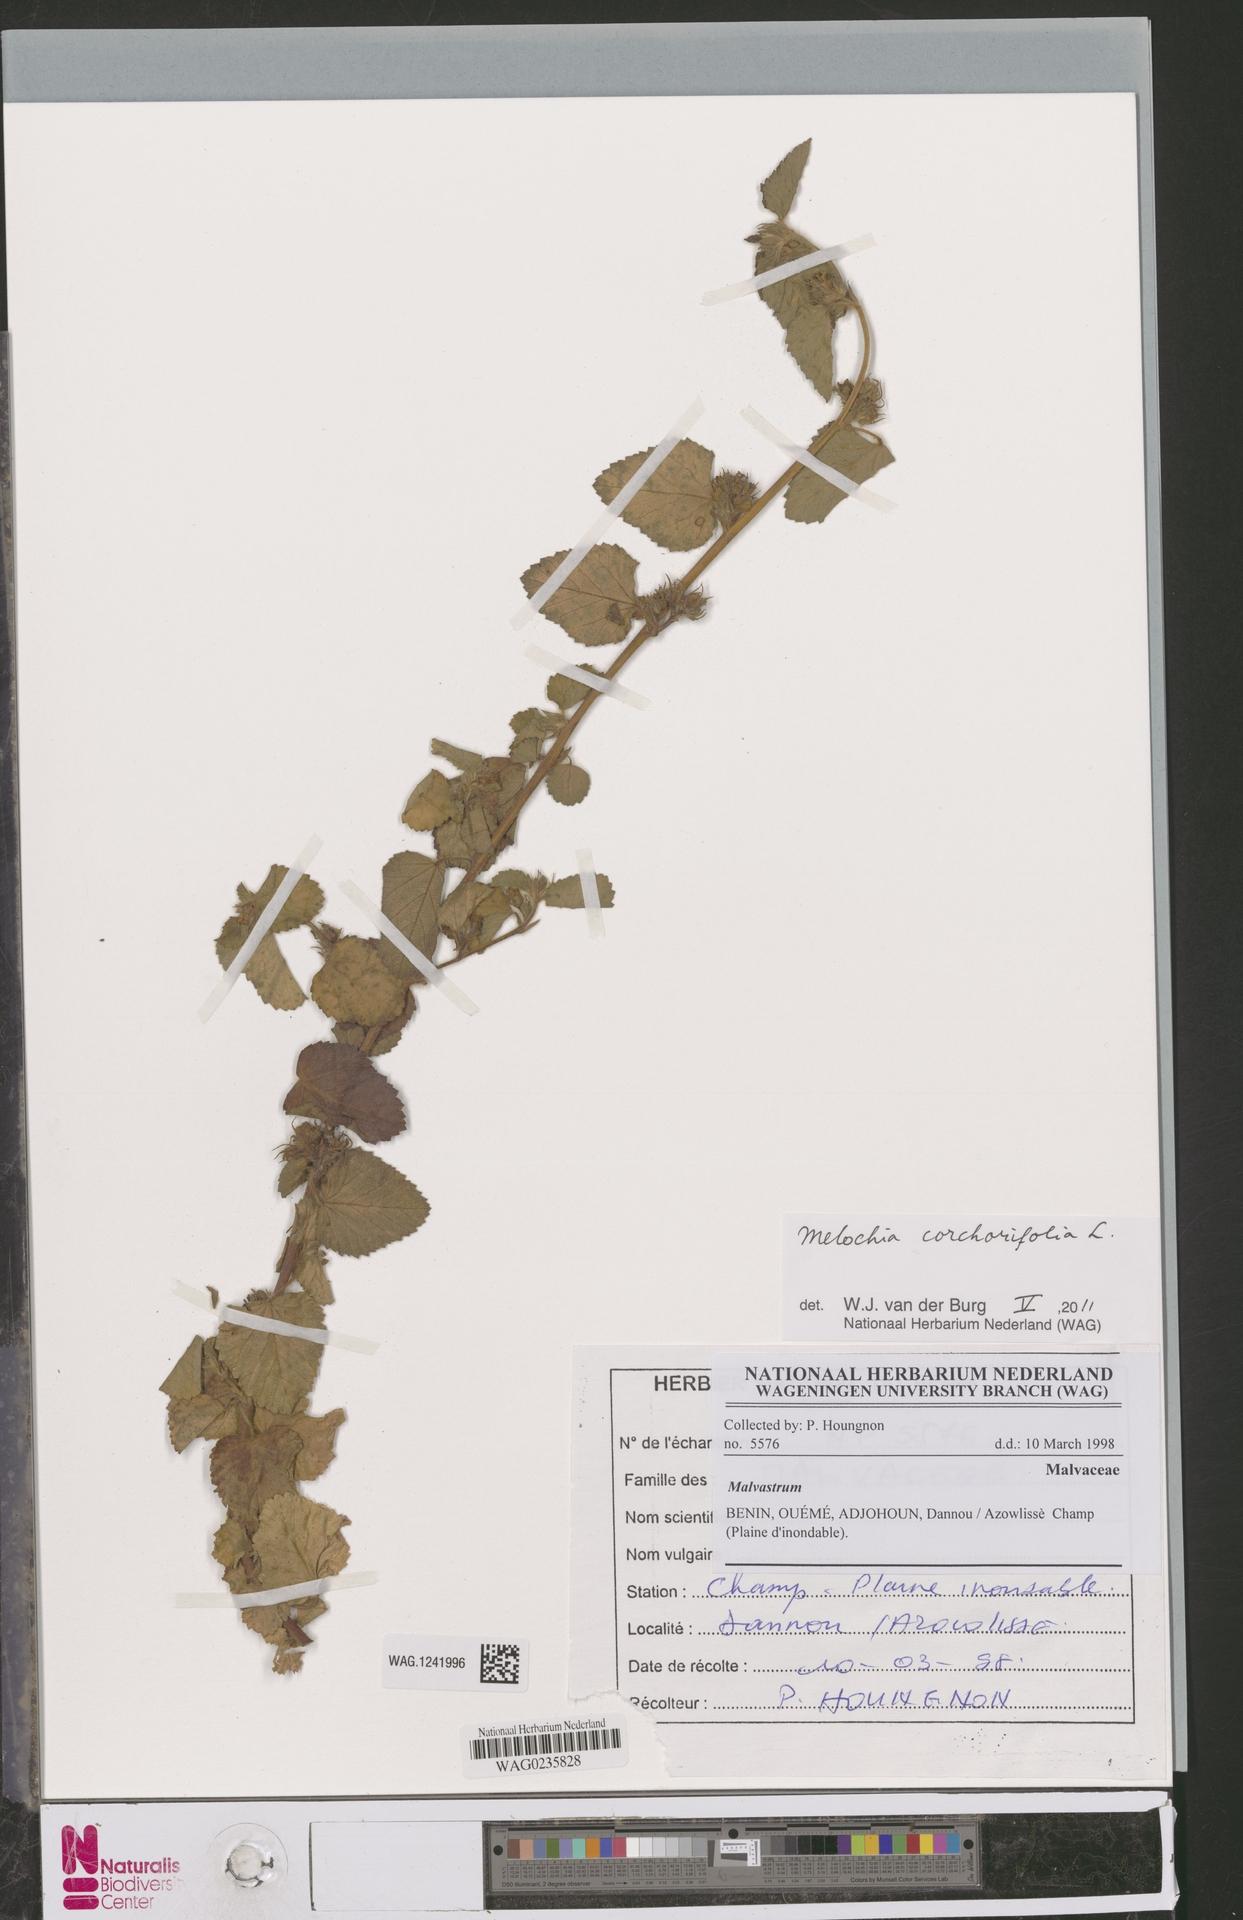 WAG.1241996   Melochia corchorifolia L.